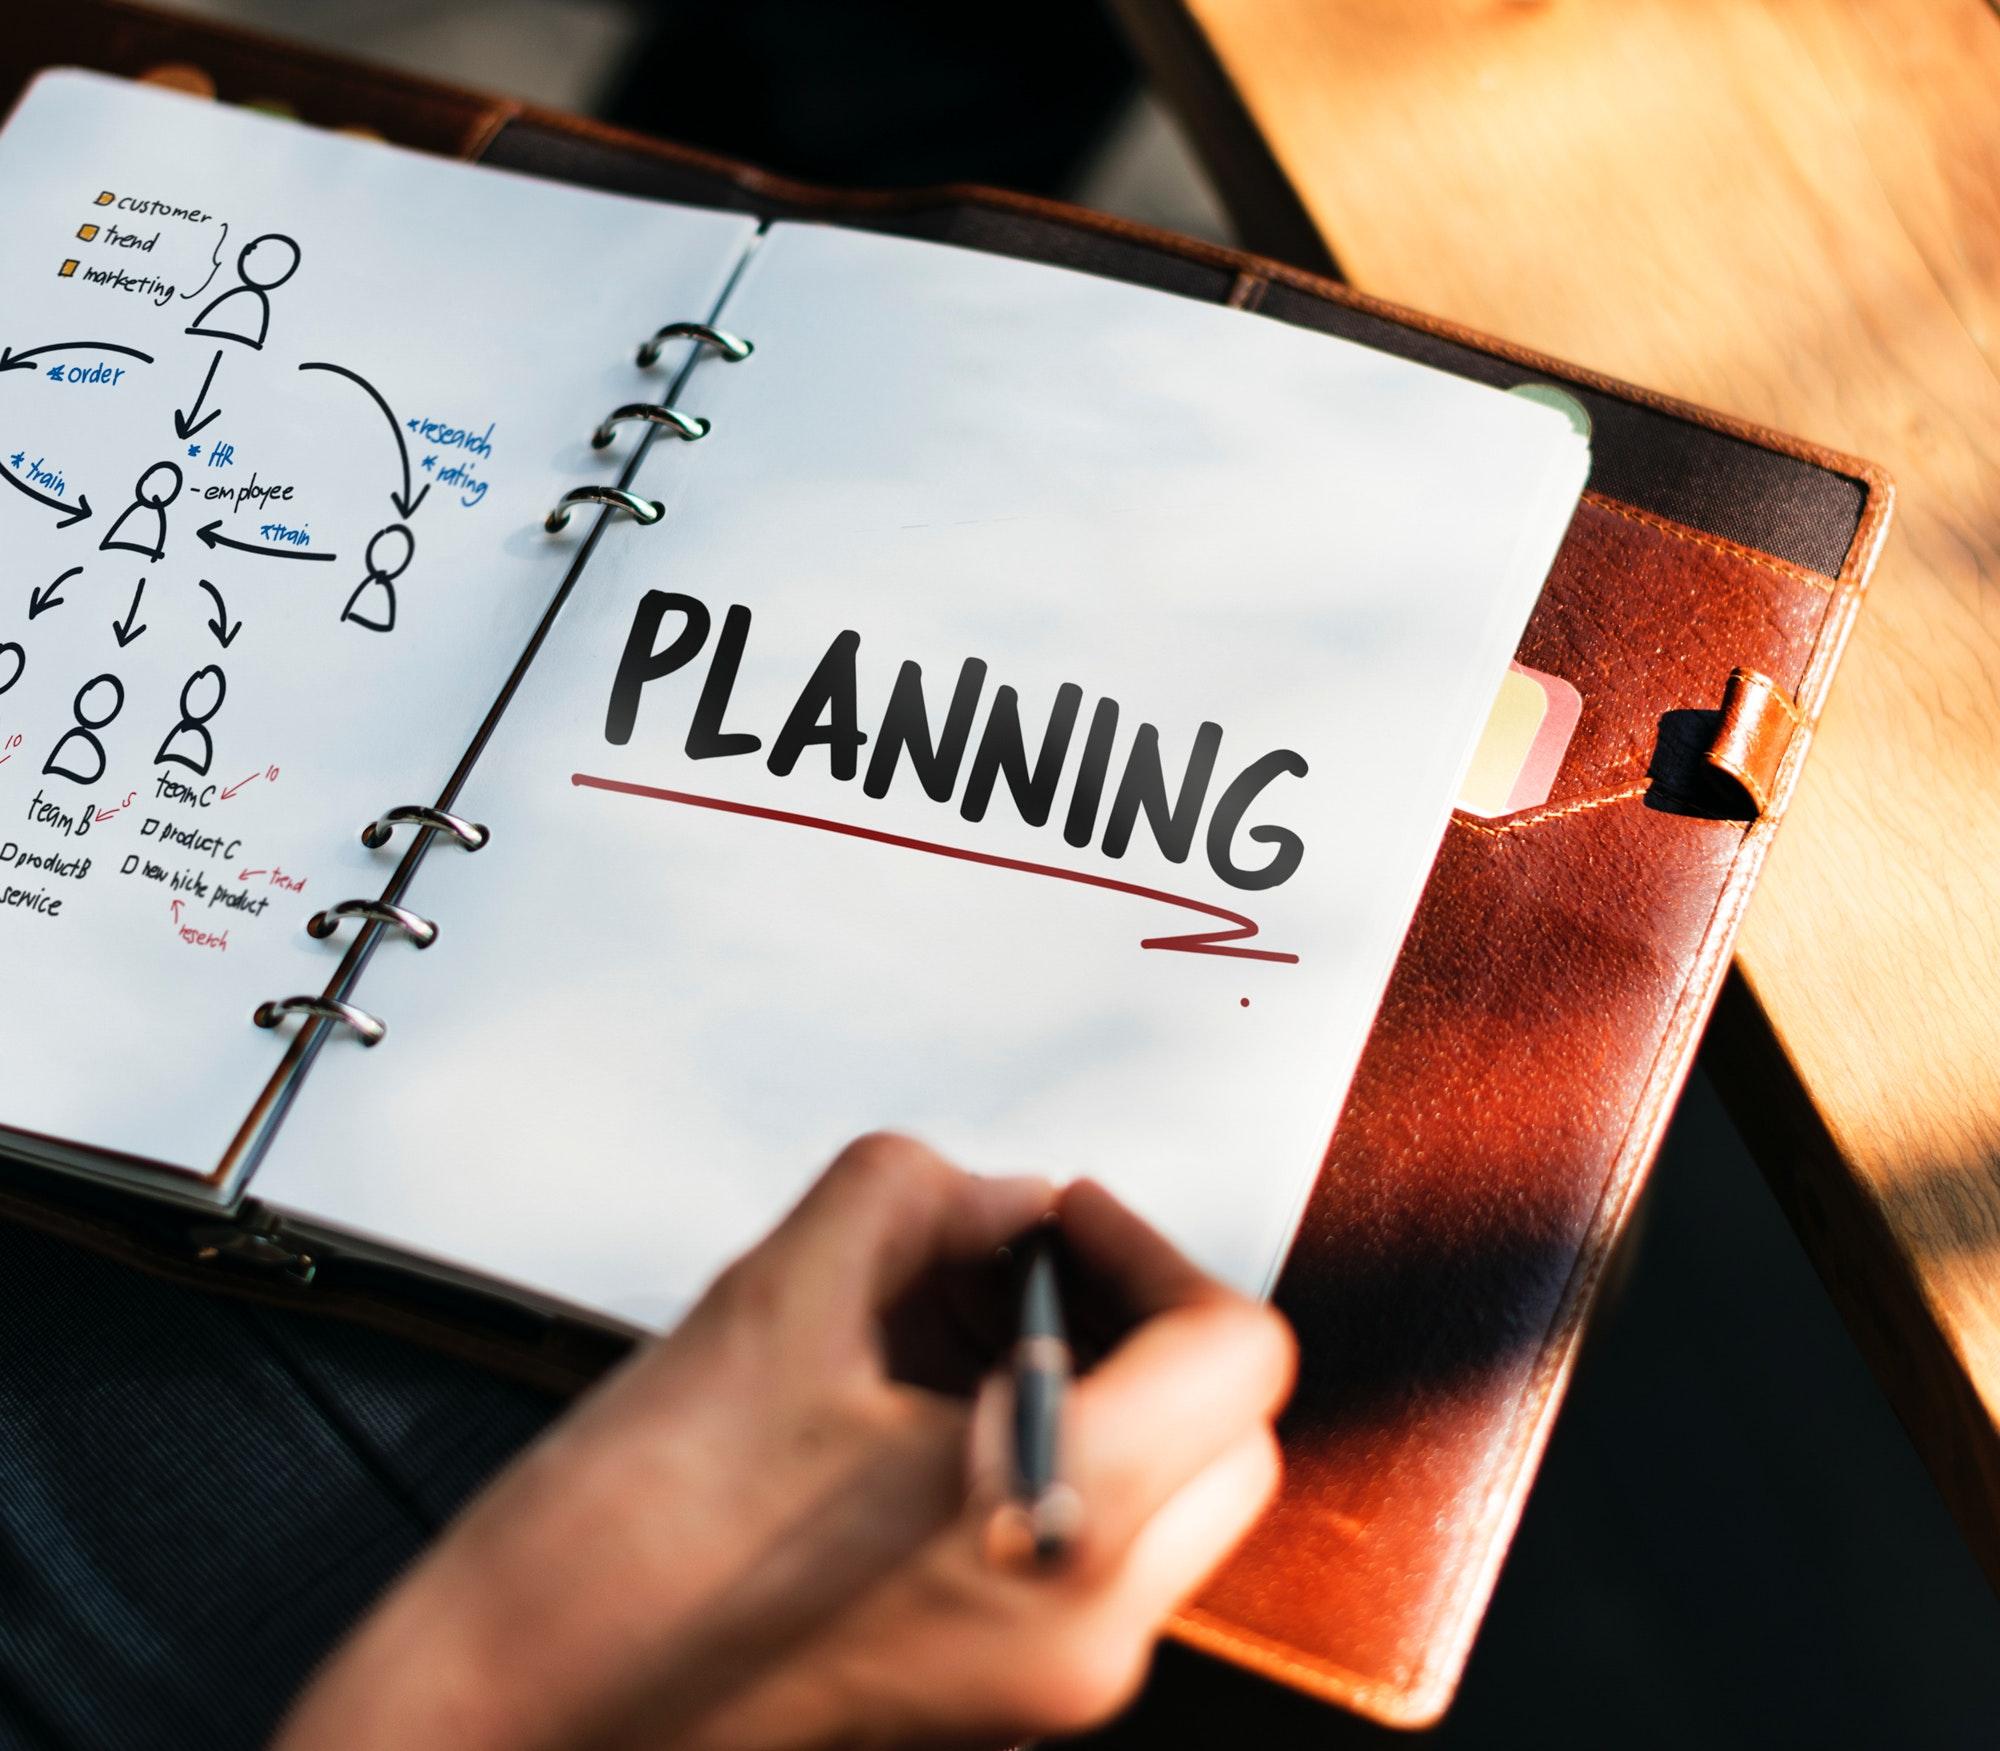 年終怎麼用最聰明?做好資產規劃一輩子免煩惱